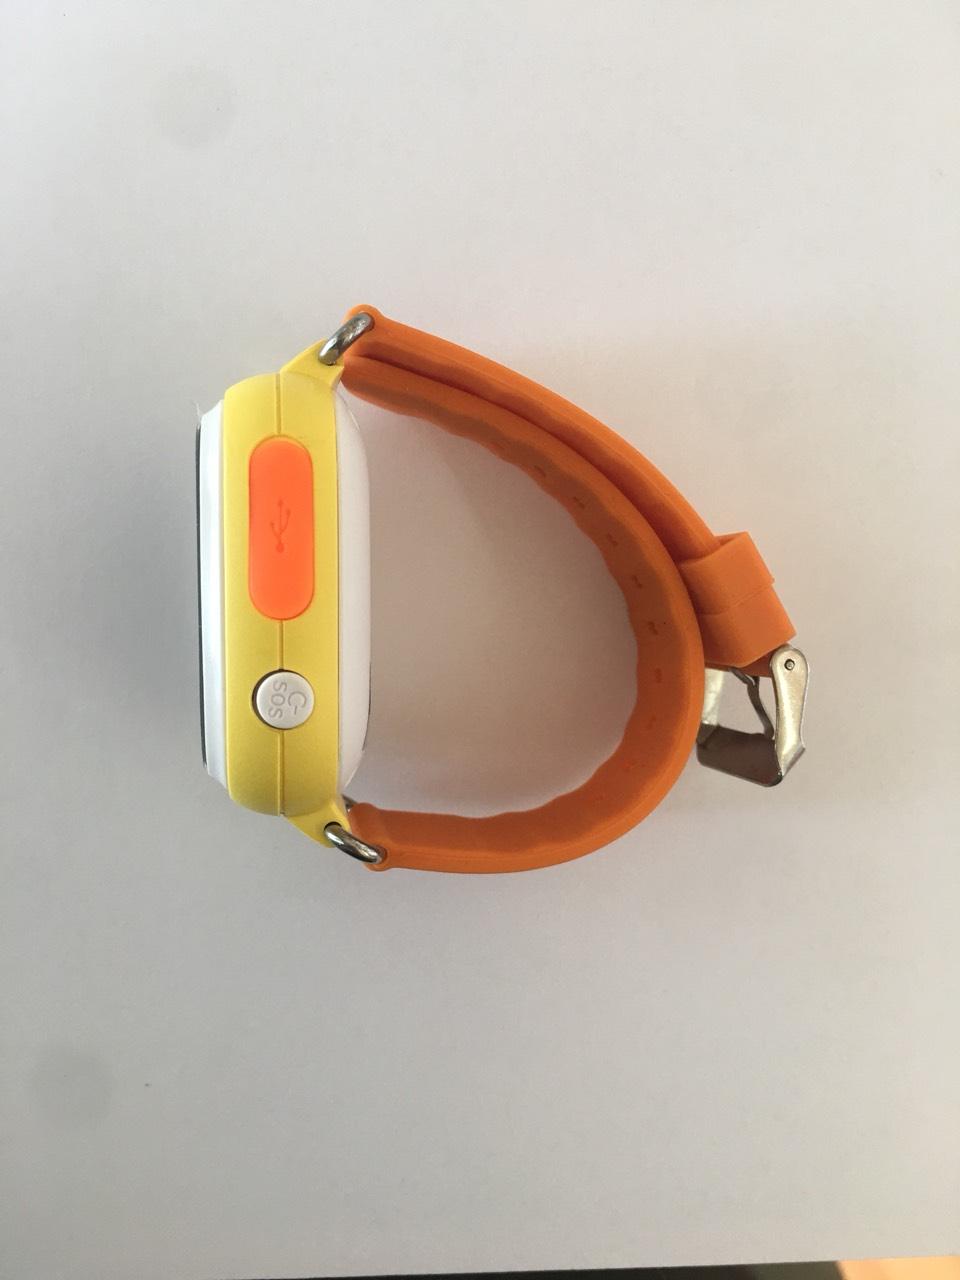 Đồng hồ định vị trẻ em  V8-04 ( mầu cam vang)